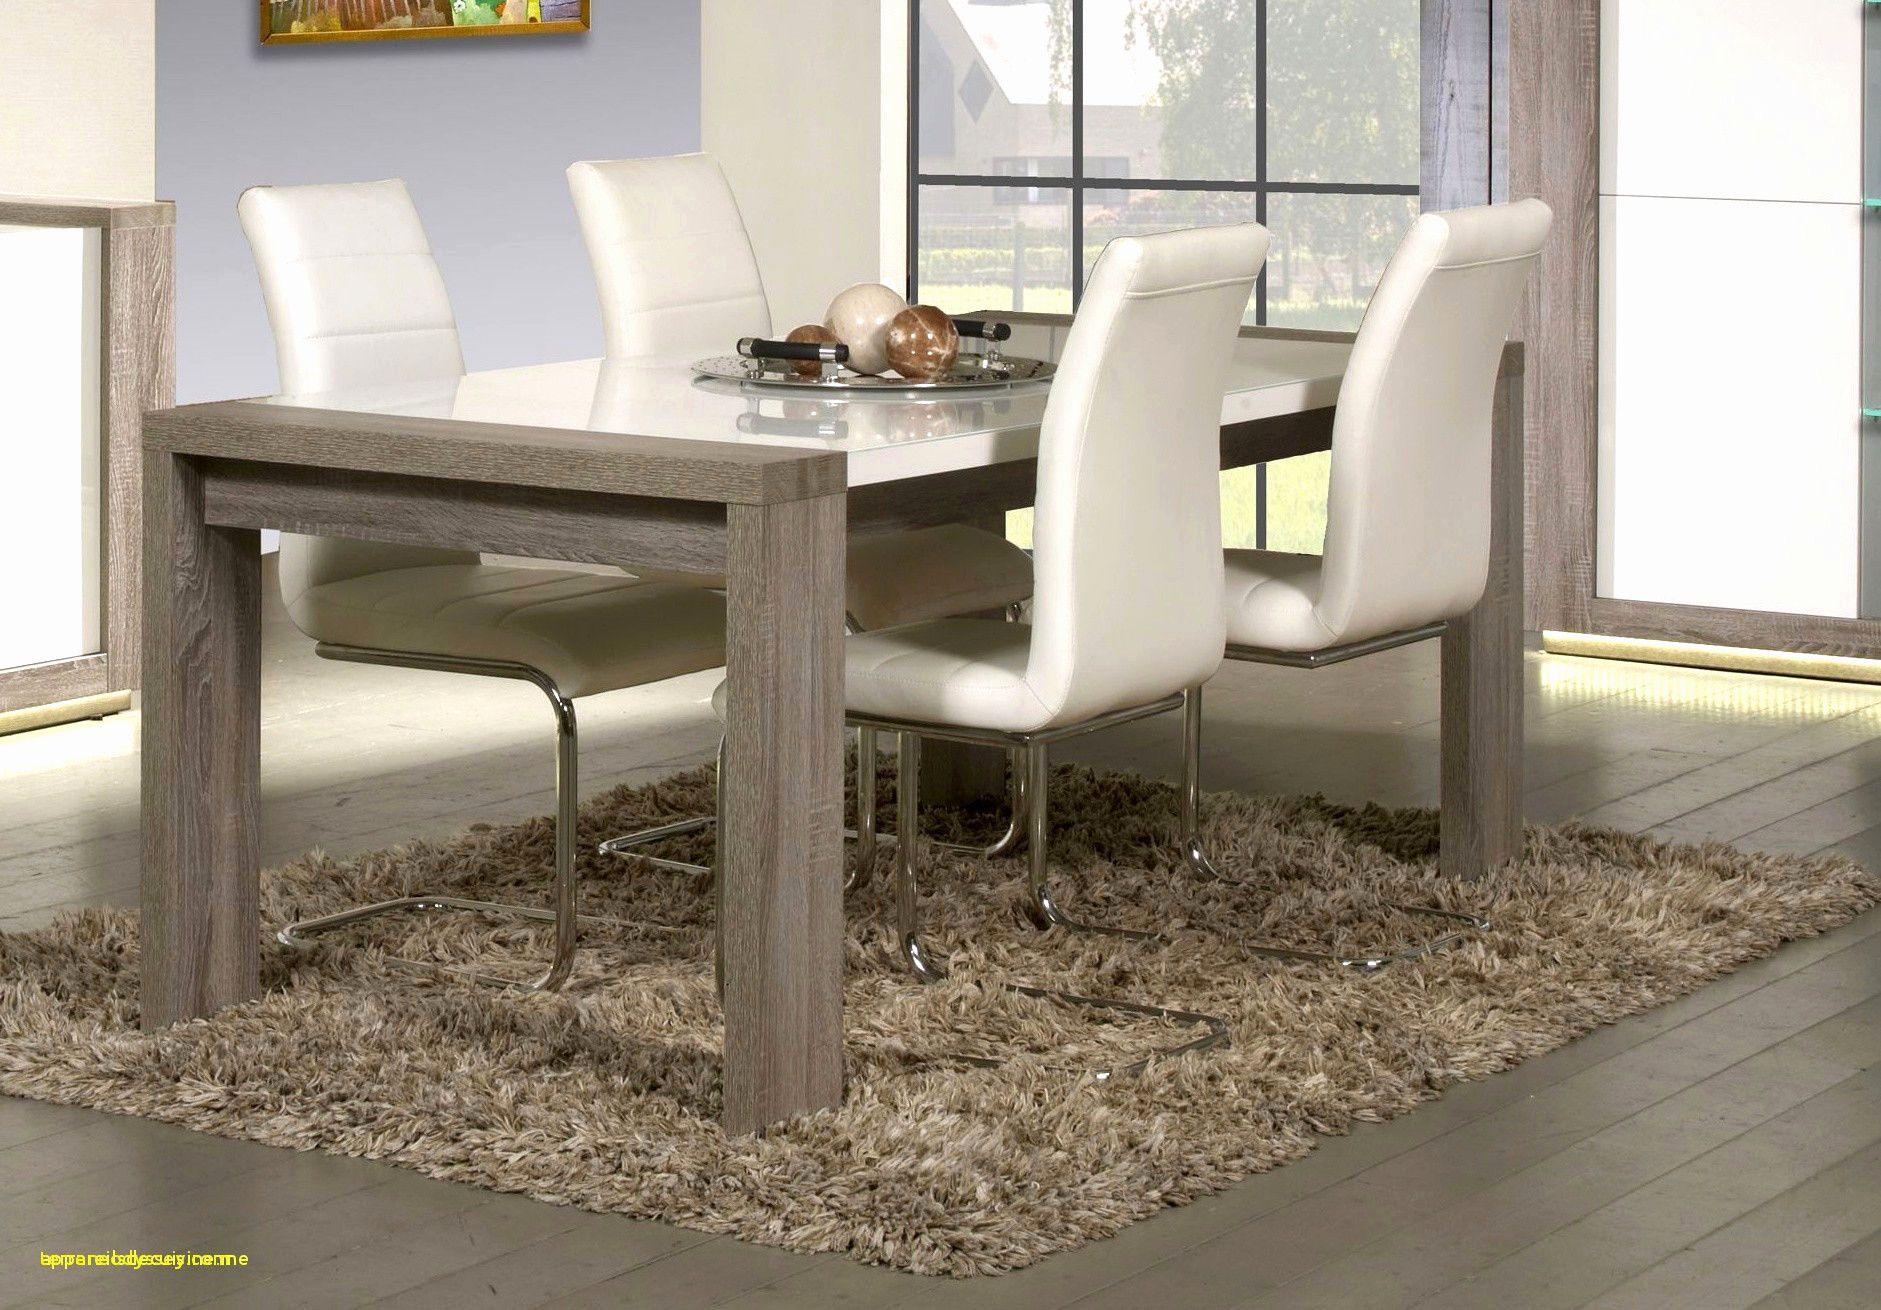 Table A Langer Avec Baignoire Carrefour Ca Vaut Le Coup De Voler Ikea Vanity Table Table Dining Table